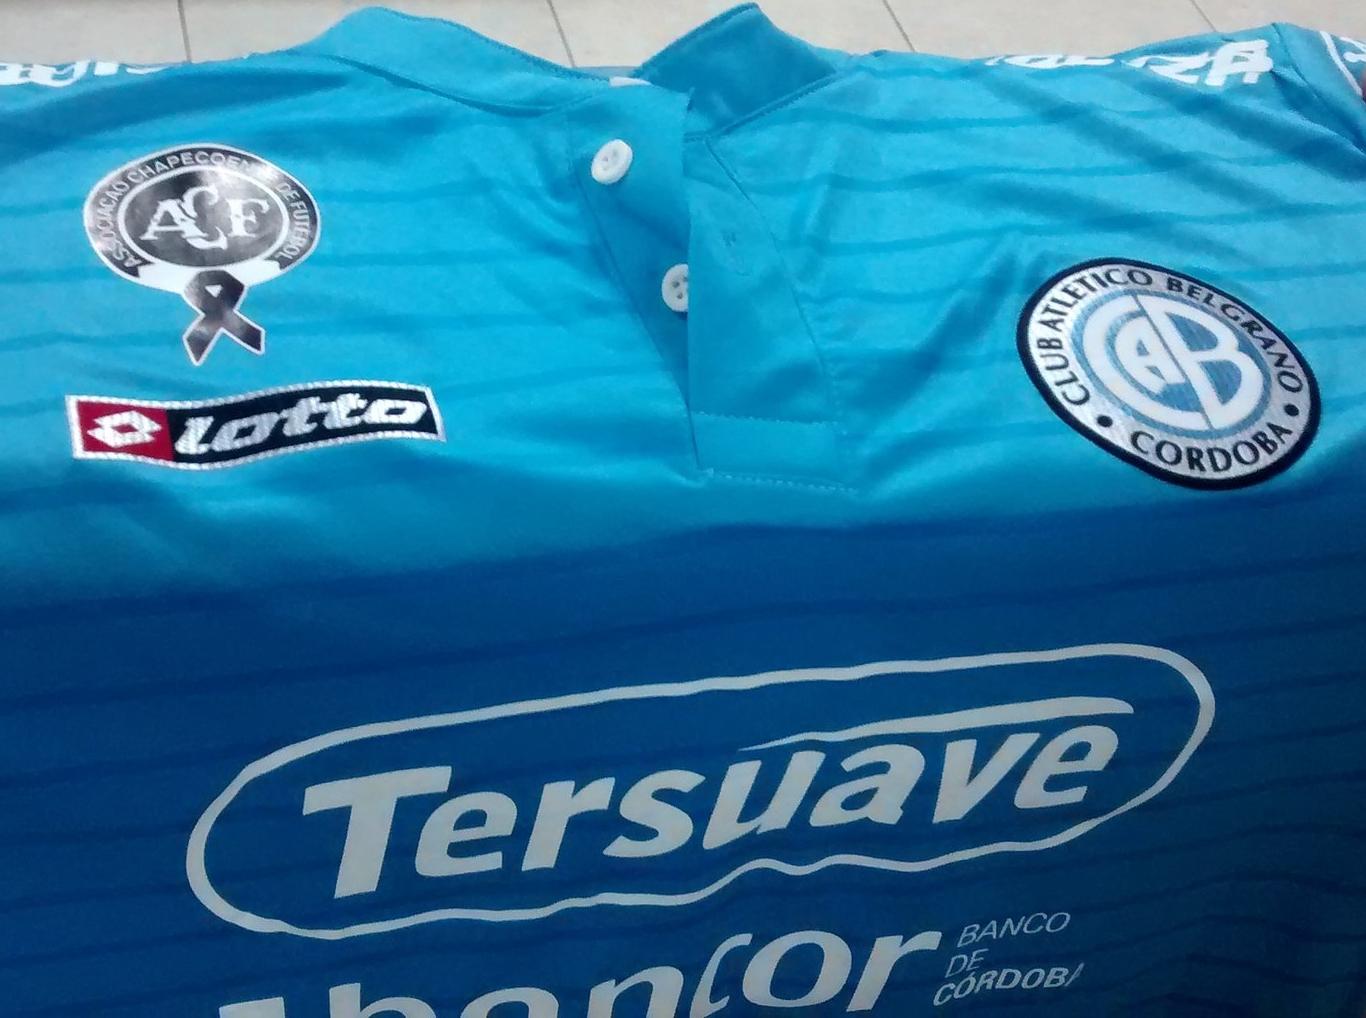 Belgrano de Córdoba homenageará a Chapecoense em sua camisa - Show ... 74eca80a13792